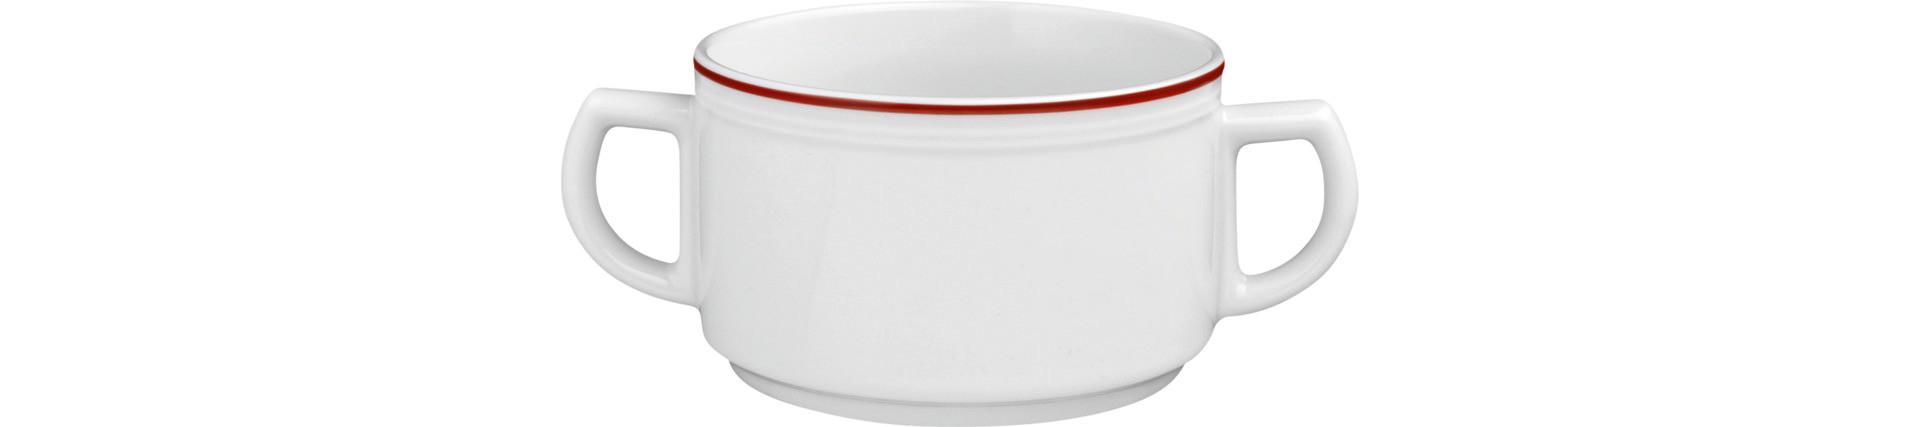 Vitalis, Suppentasse 107 x 100 mm / 0,35 l rote Linie